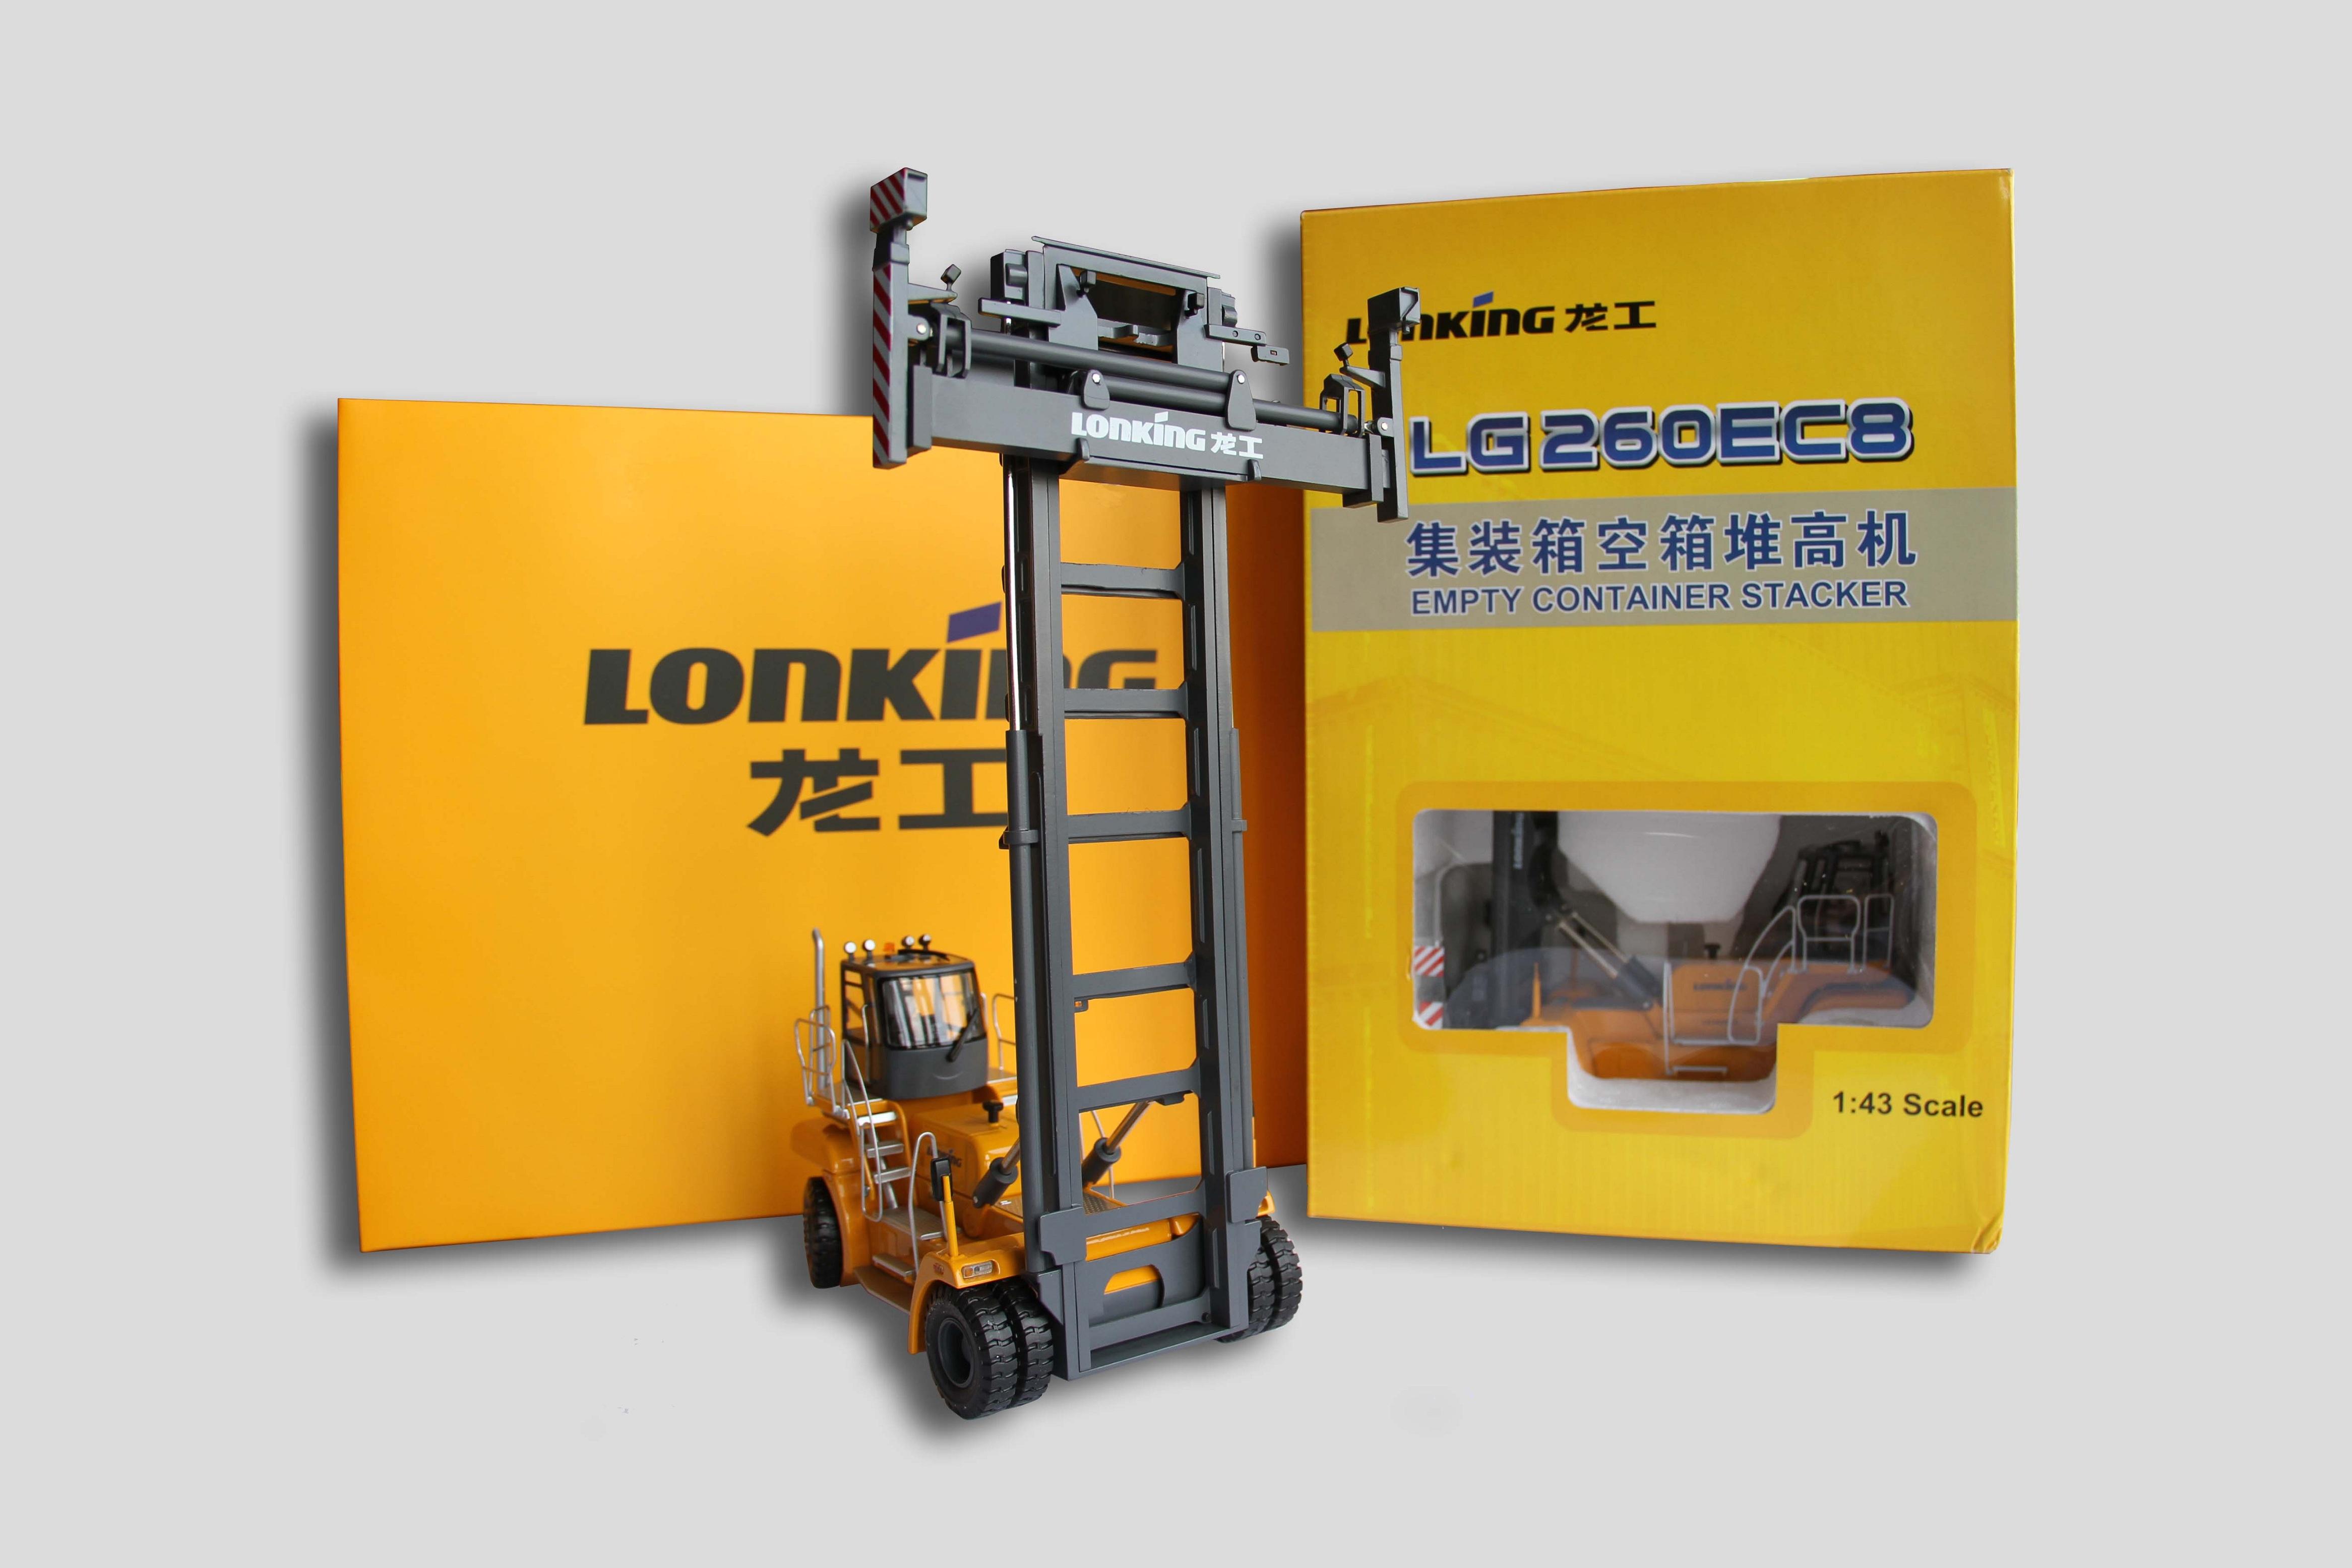 LG260EC8集装箱空箱堆高机车模